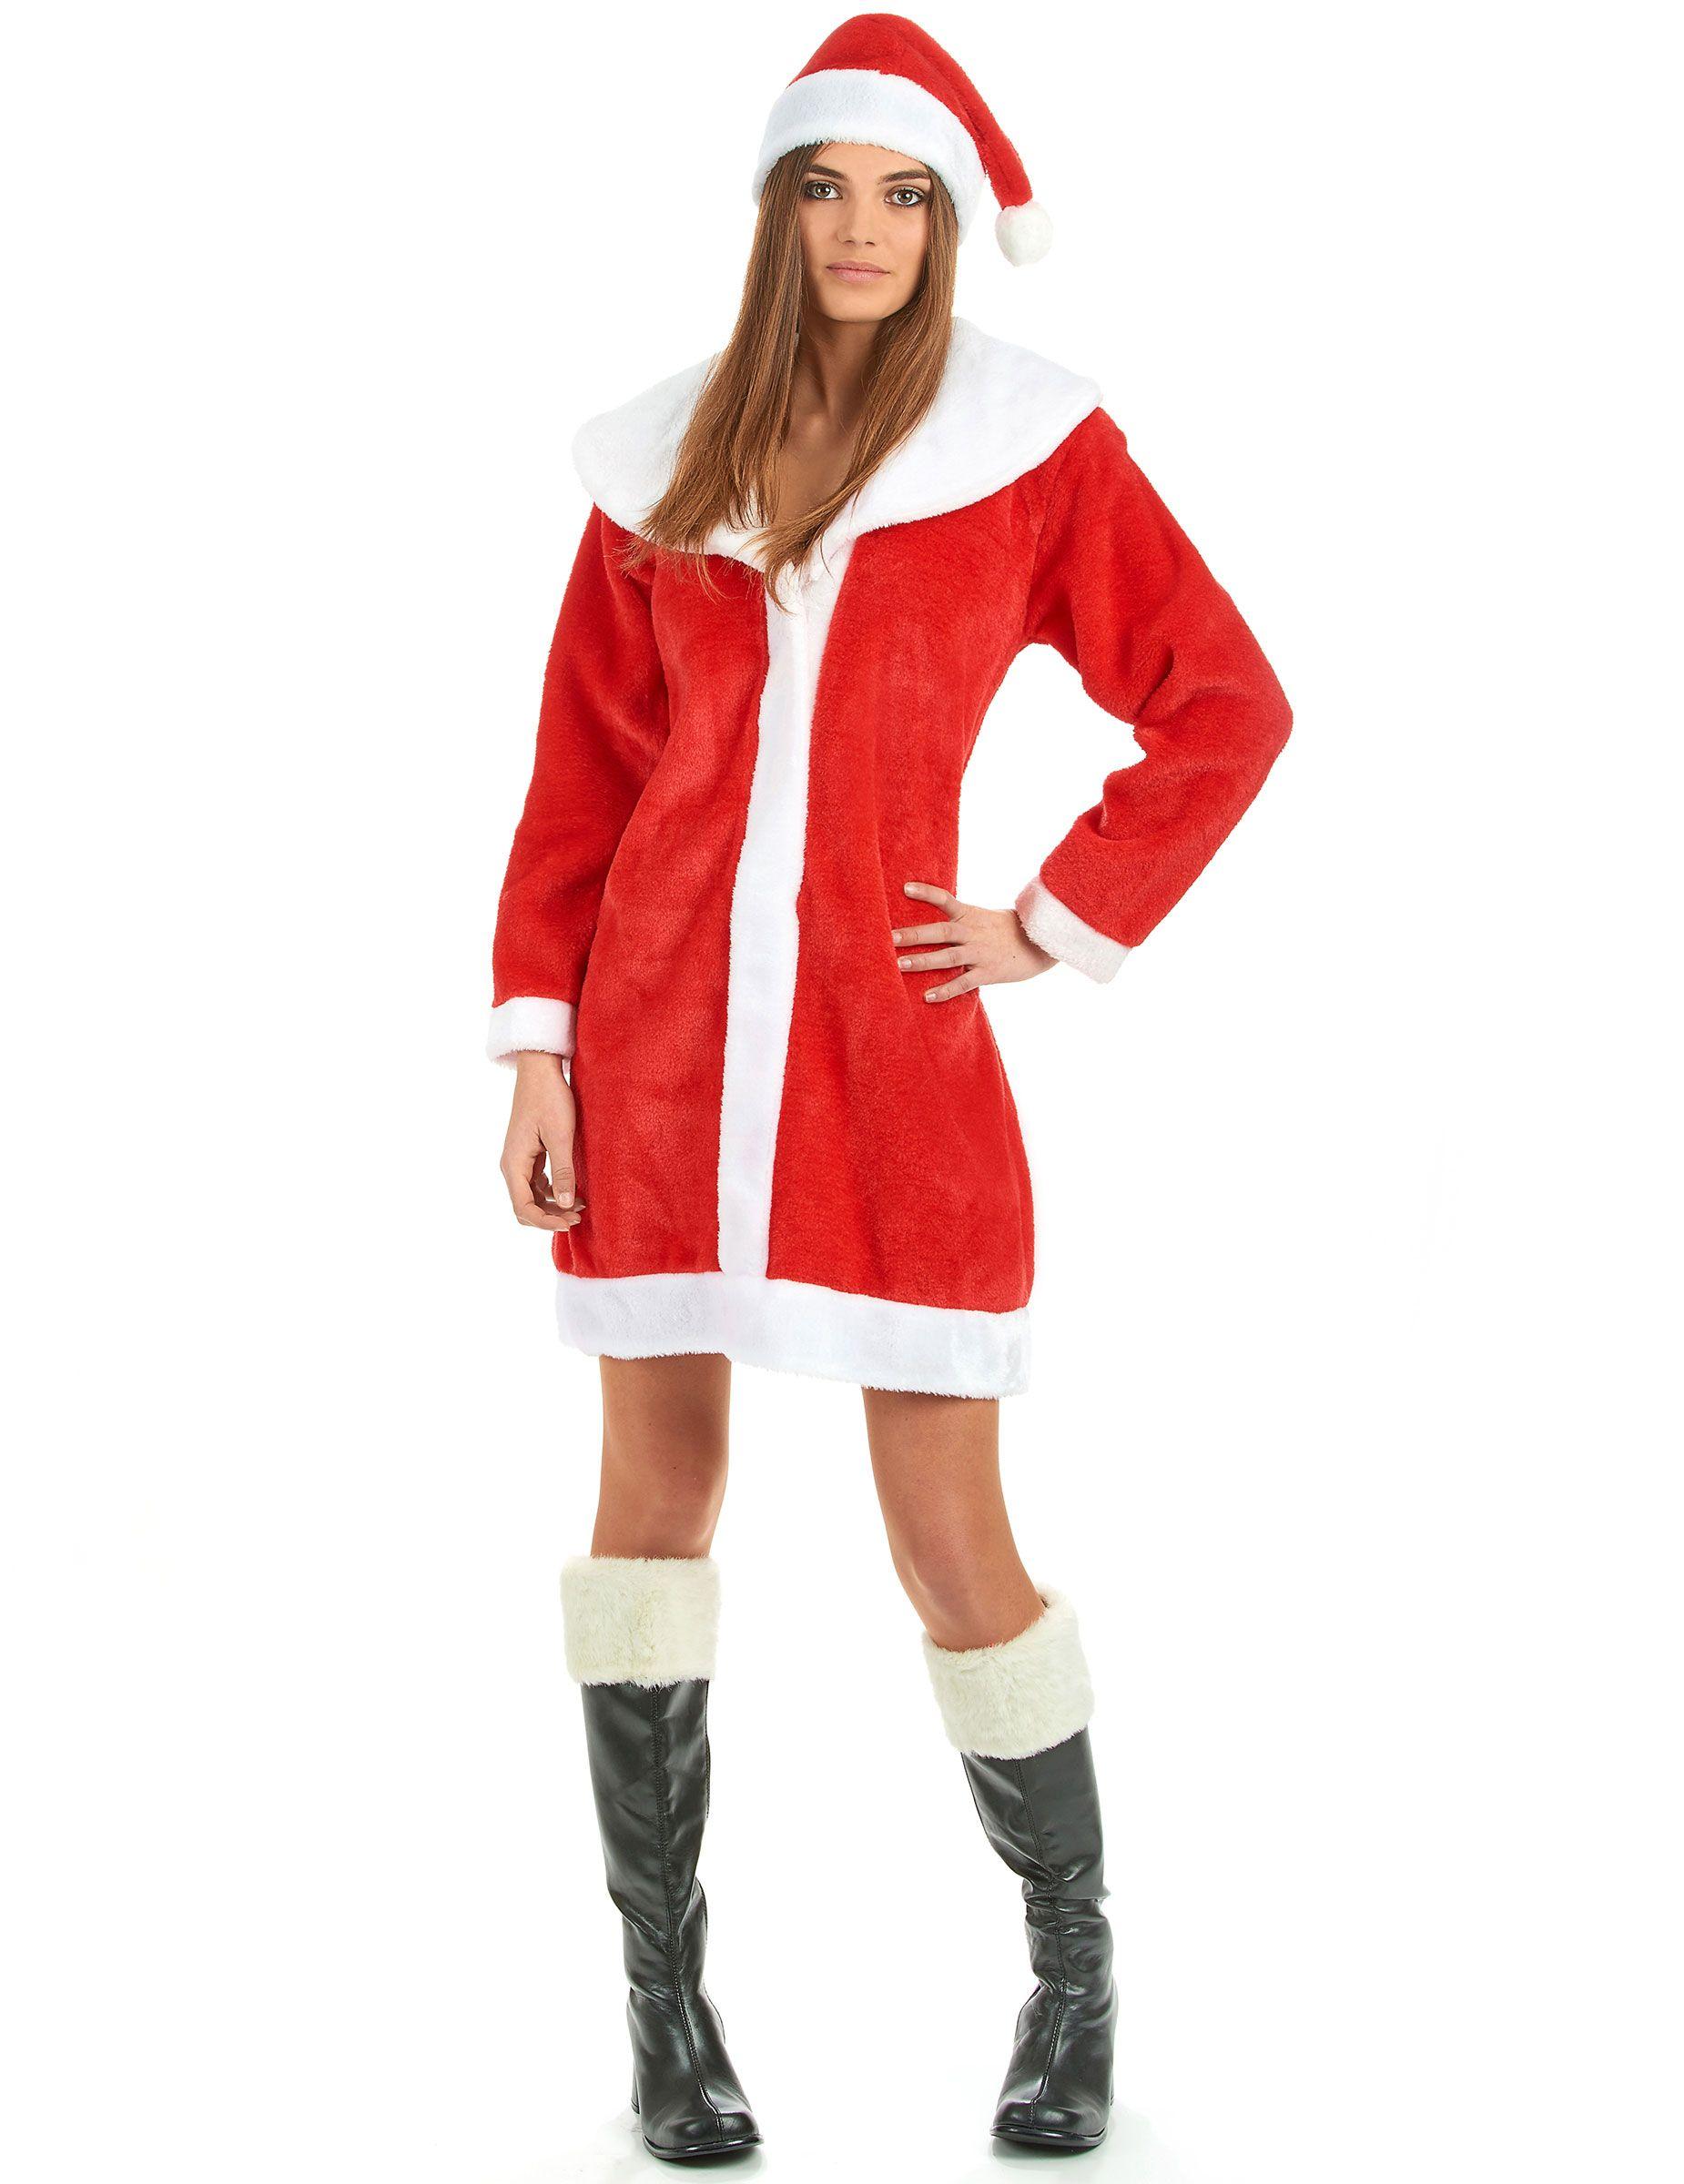 da320d837745 Weihnachtsfrau Kostüm für Damen Weihnachten Rot, Kostüme Erwachsene, Kostüme  Damen, Rot Weiss,